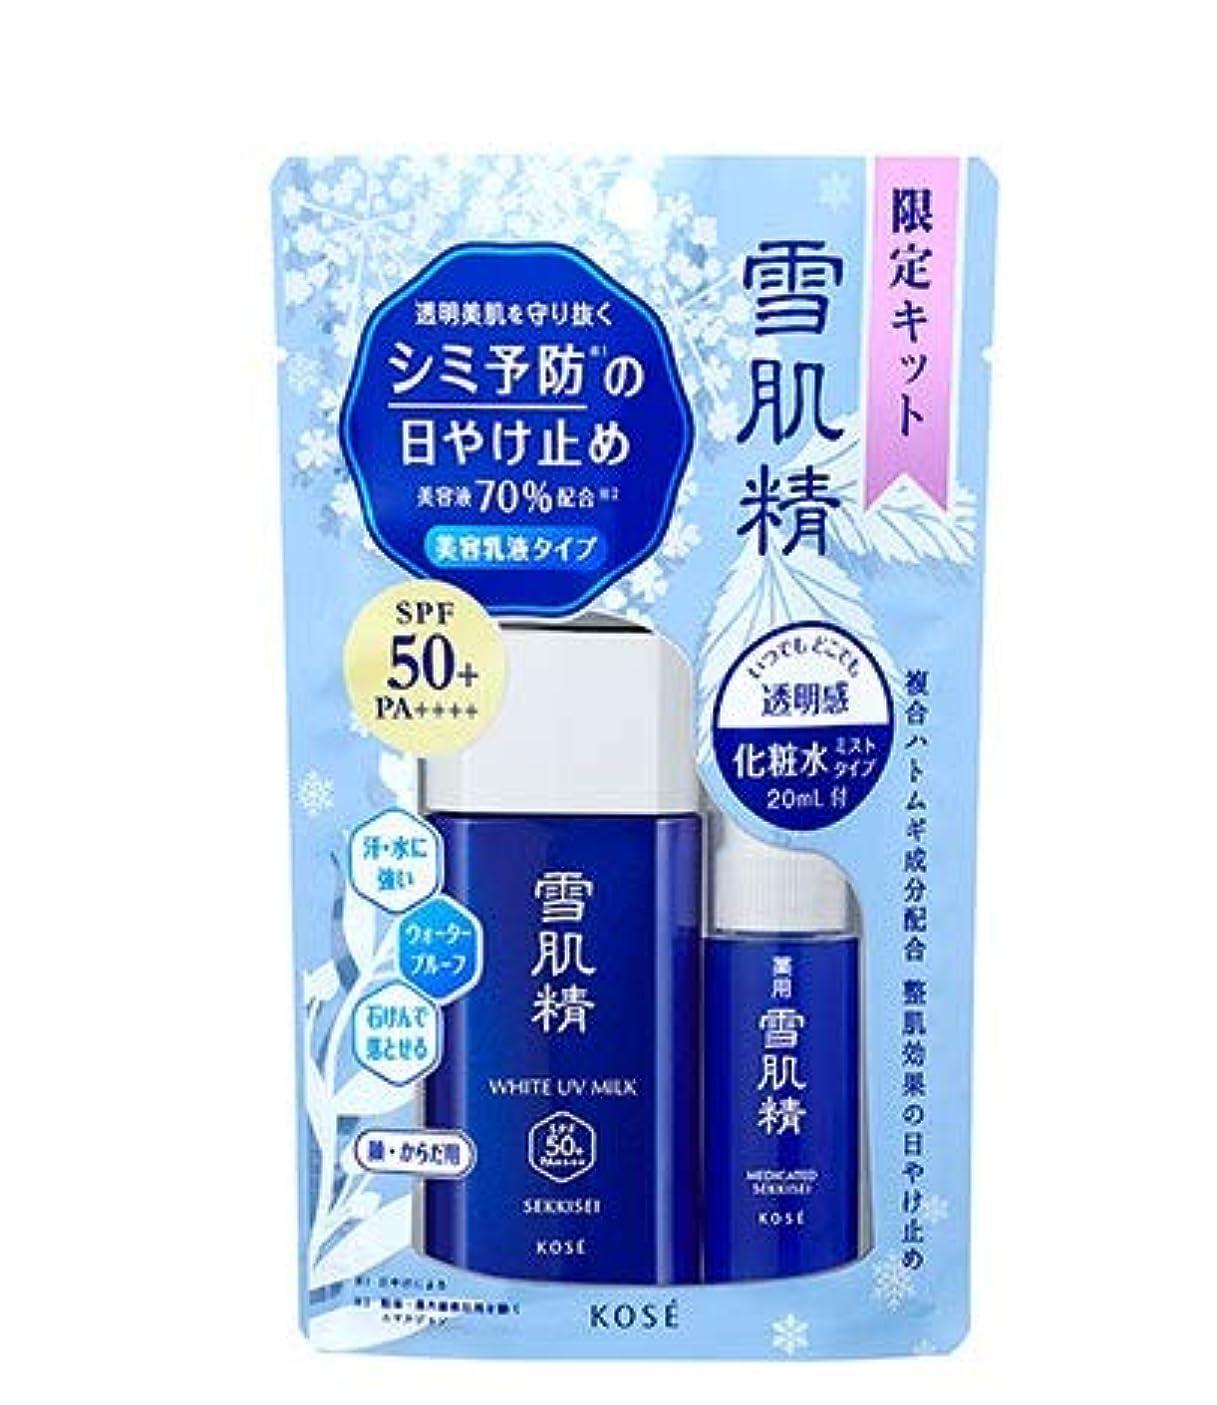 に頼る設計価格☆限定品☆ コーセー KOSE 雪肌精 ホワイト UV ミルク キット